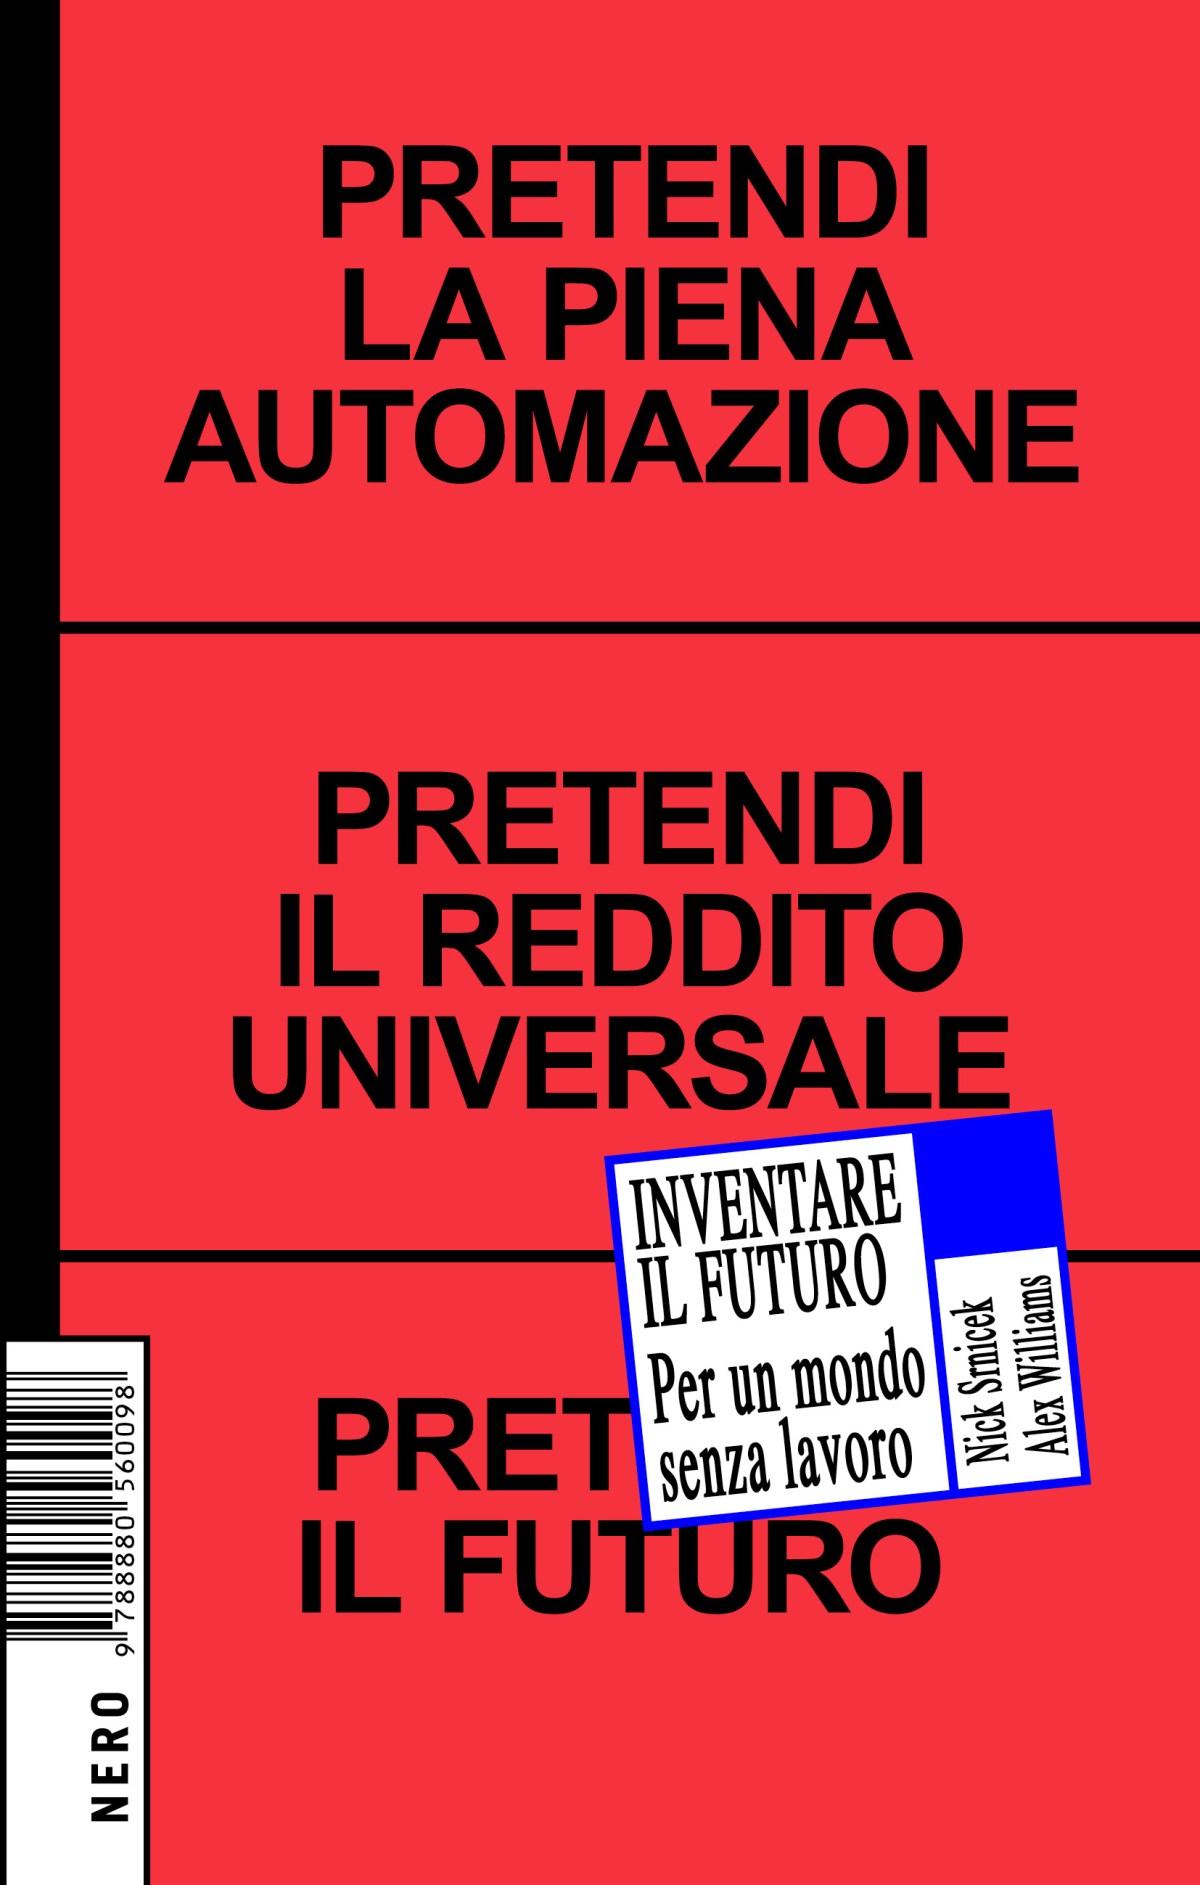 inventare-il-futuro-copertina-alta